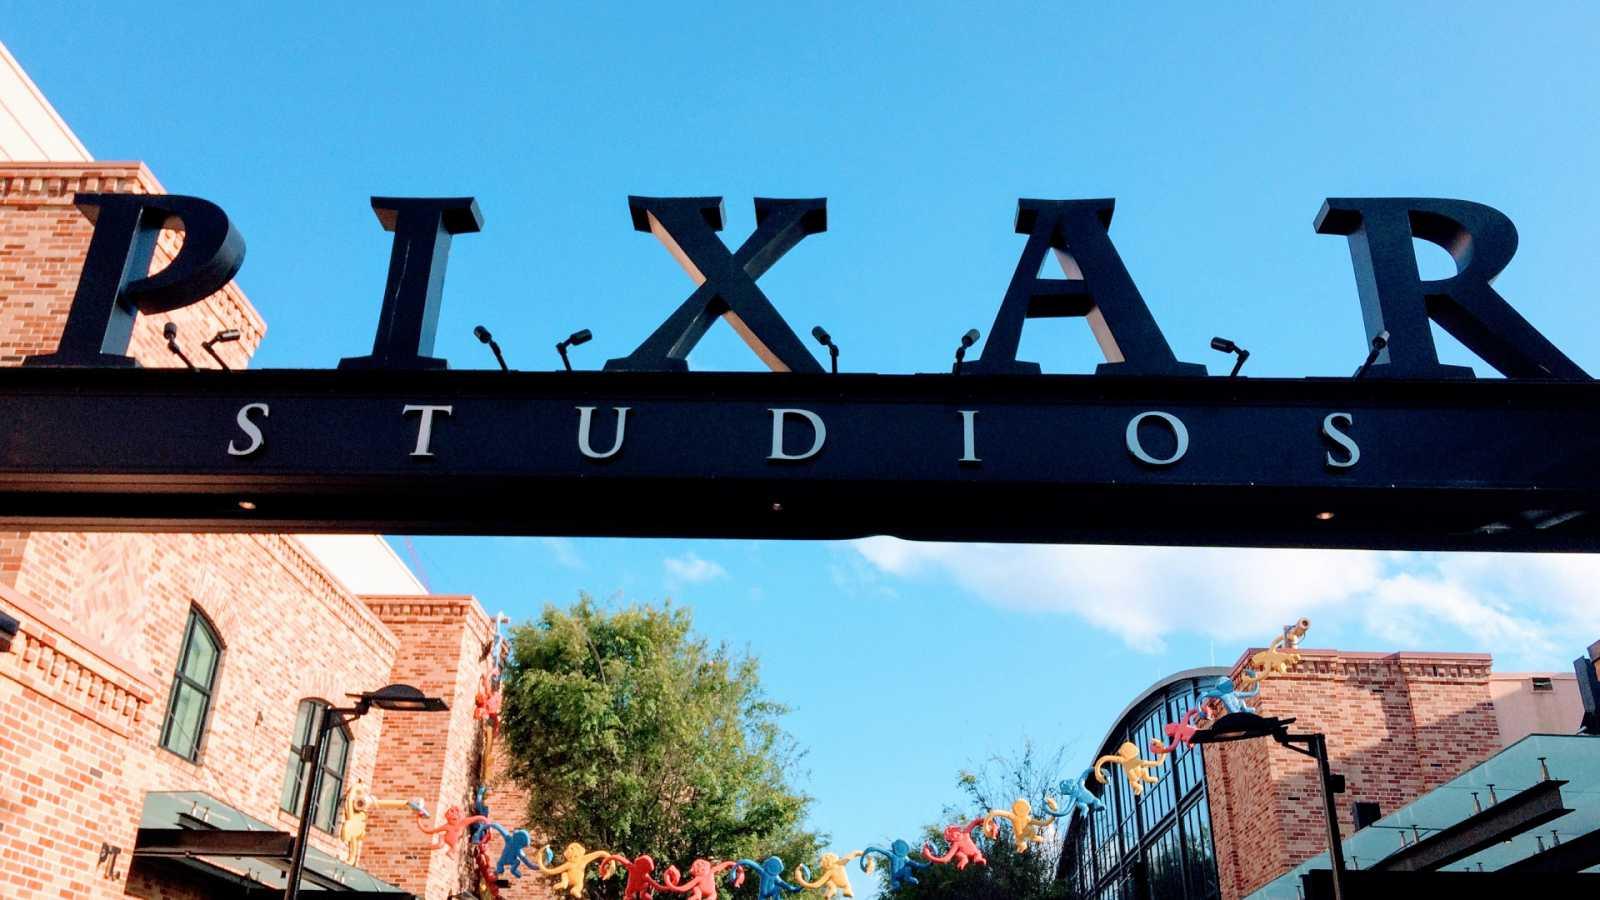 24 horas - ¿Qué hay tras la magia de Pixar? - Escuchar ahora